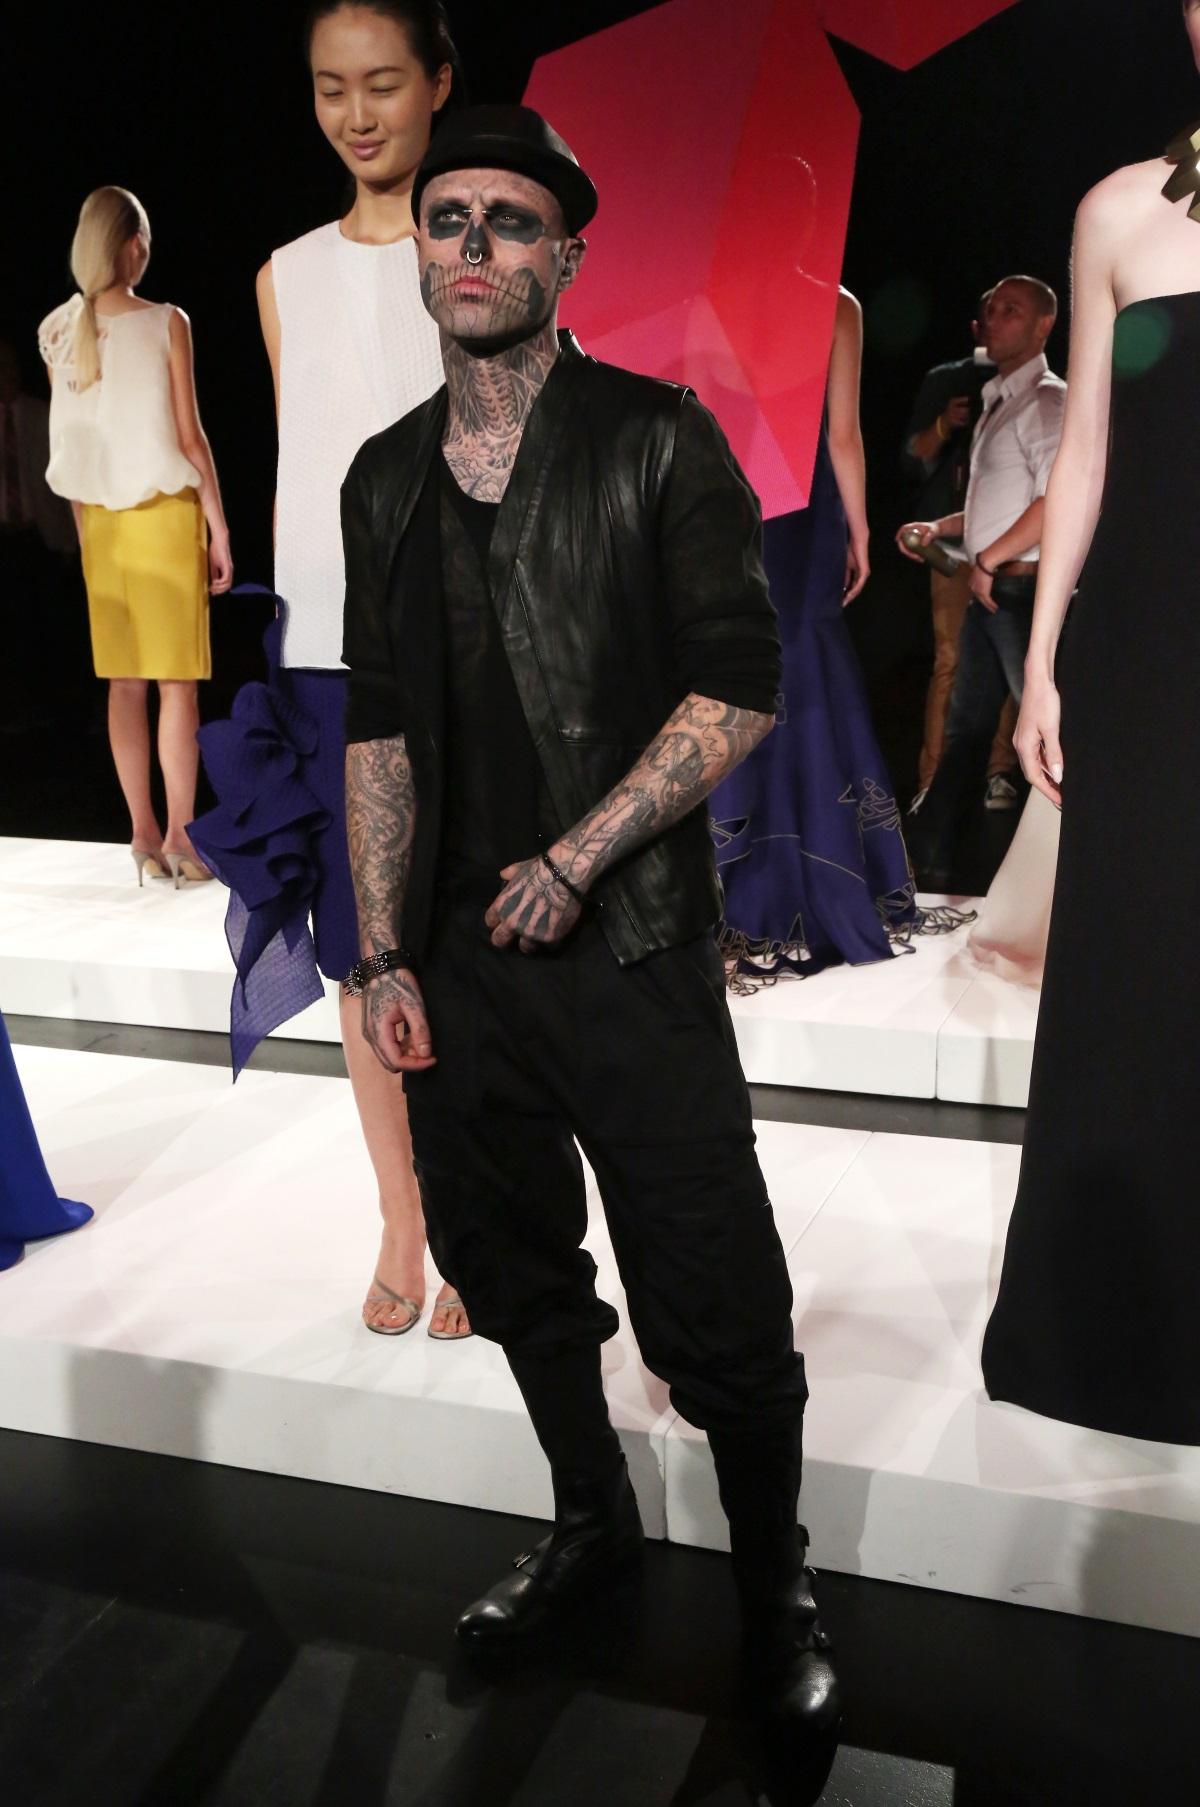 Канадският манекен Рик Дженест беше намерен мъртъв. Той е един от най-нестандартните и ексцентрични модели. Известен с прозвището Зомби Бой, Дженест почина на 32-годишна възраст. Тялото на манекена е открито в сряда в апартамента му в Монреал.